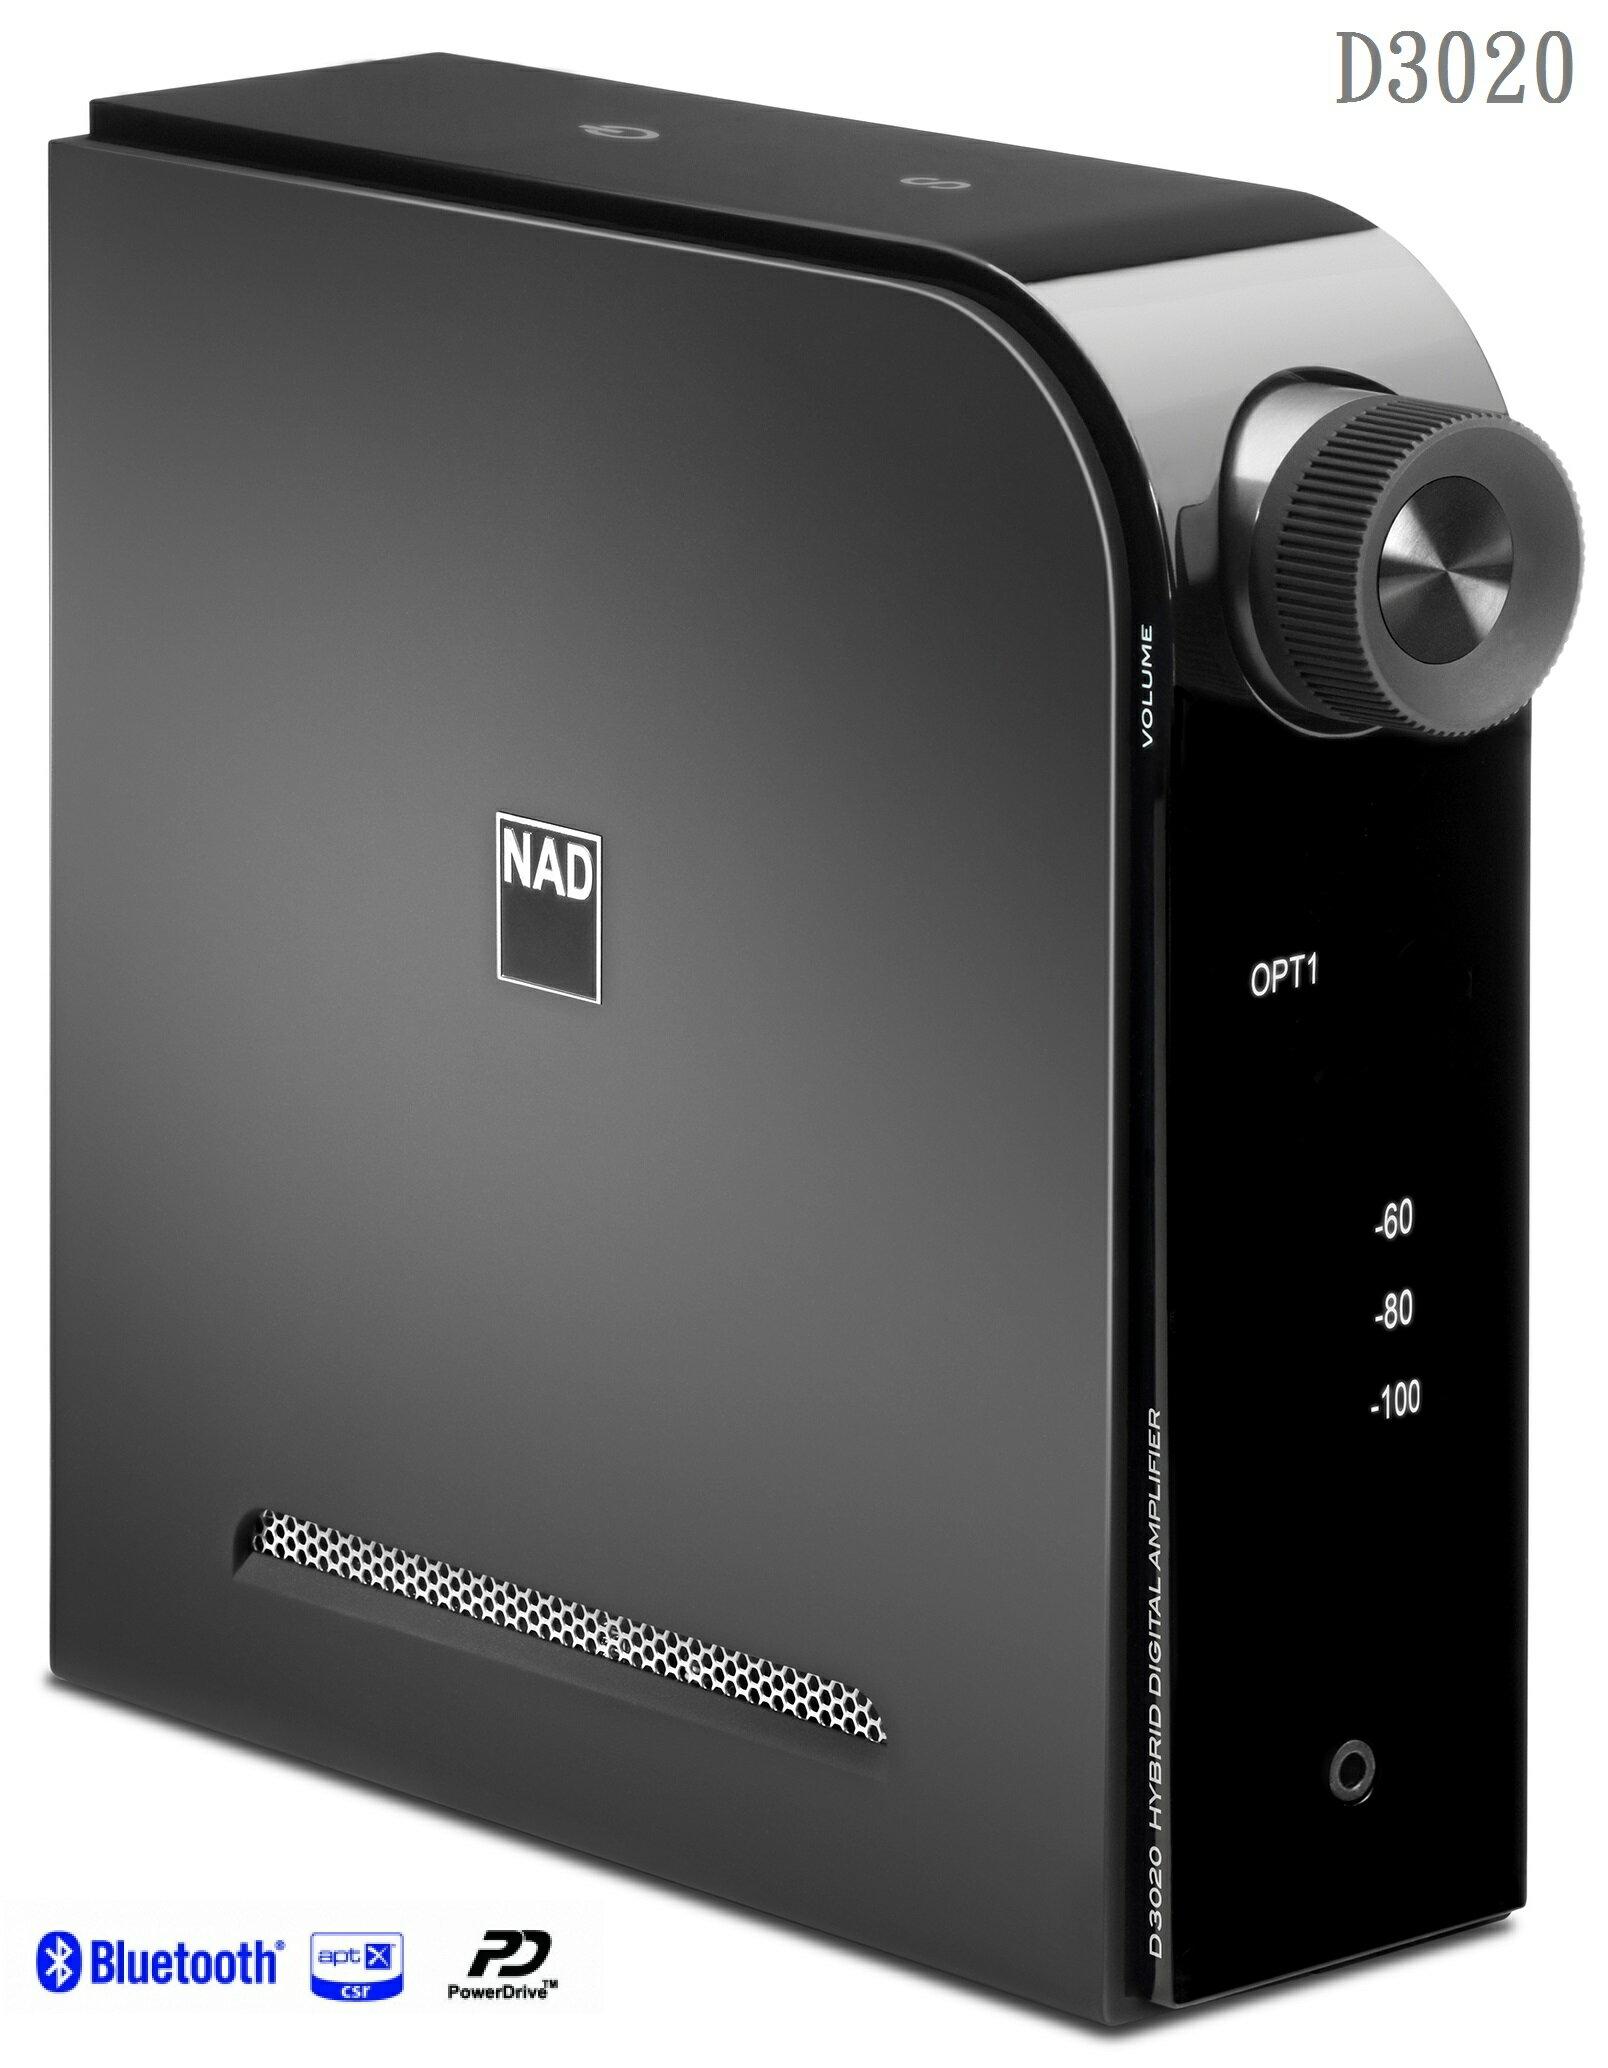 集雅社 NAD D3020 綜合擴大機 萬用桌上藍芽音響主機  最佳入門擴大機 藍牙接收器 支援所有智慧型手機